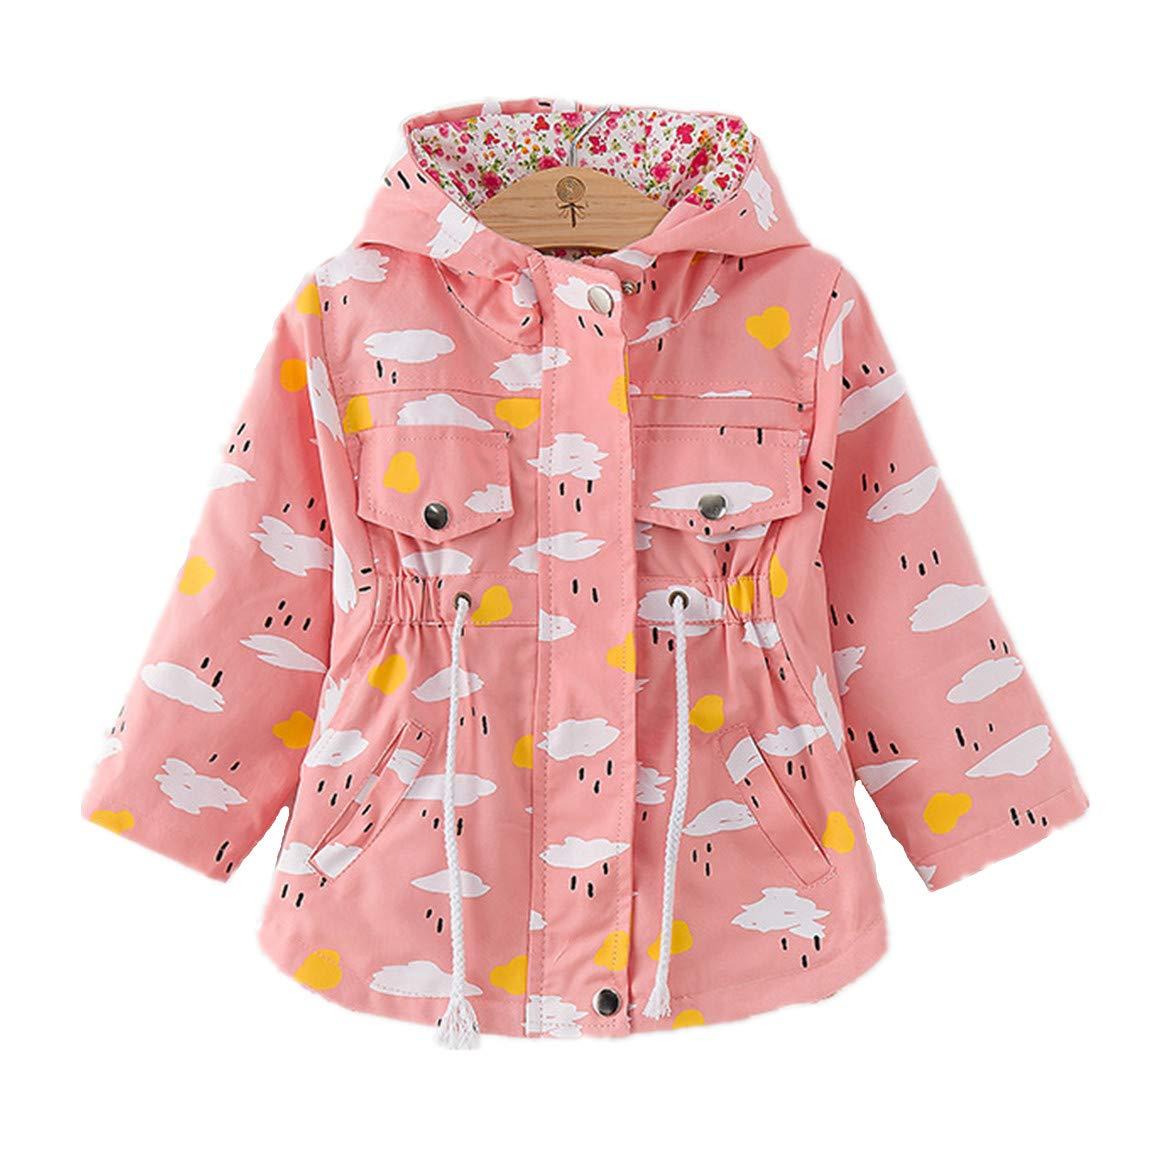 WINZIK Little Baby Girls Kids Outfits Spring Autumn Polka Dot Pattern Hooded Windbreaker Jacket Casual Outerwear Coat